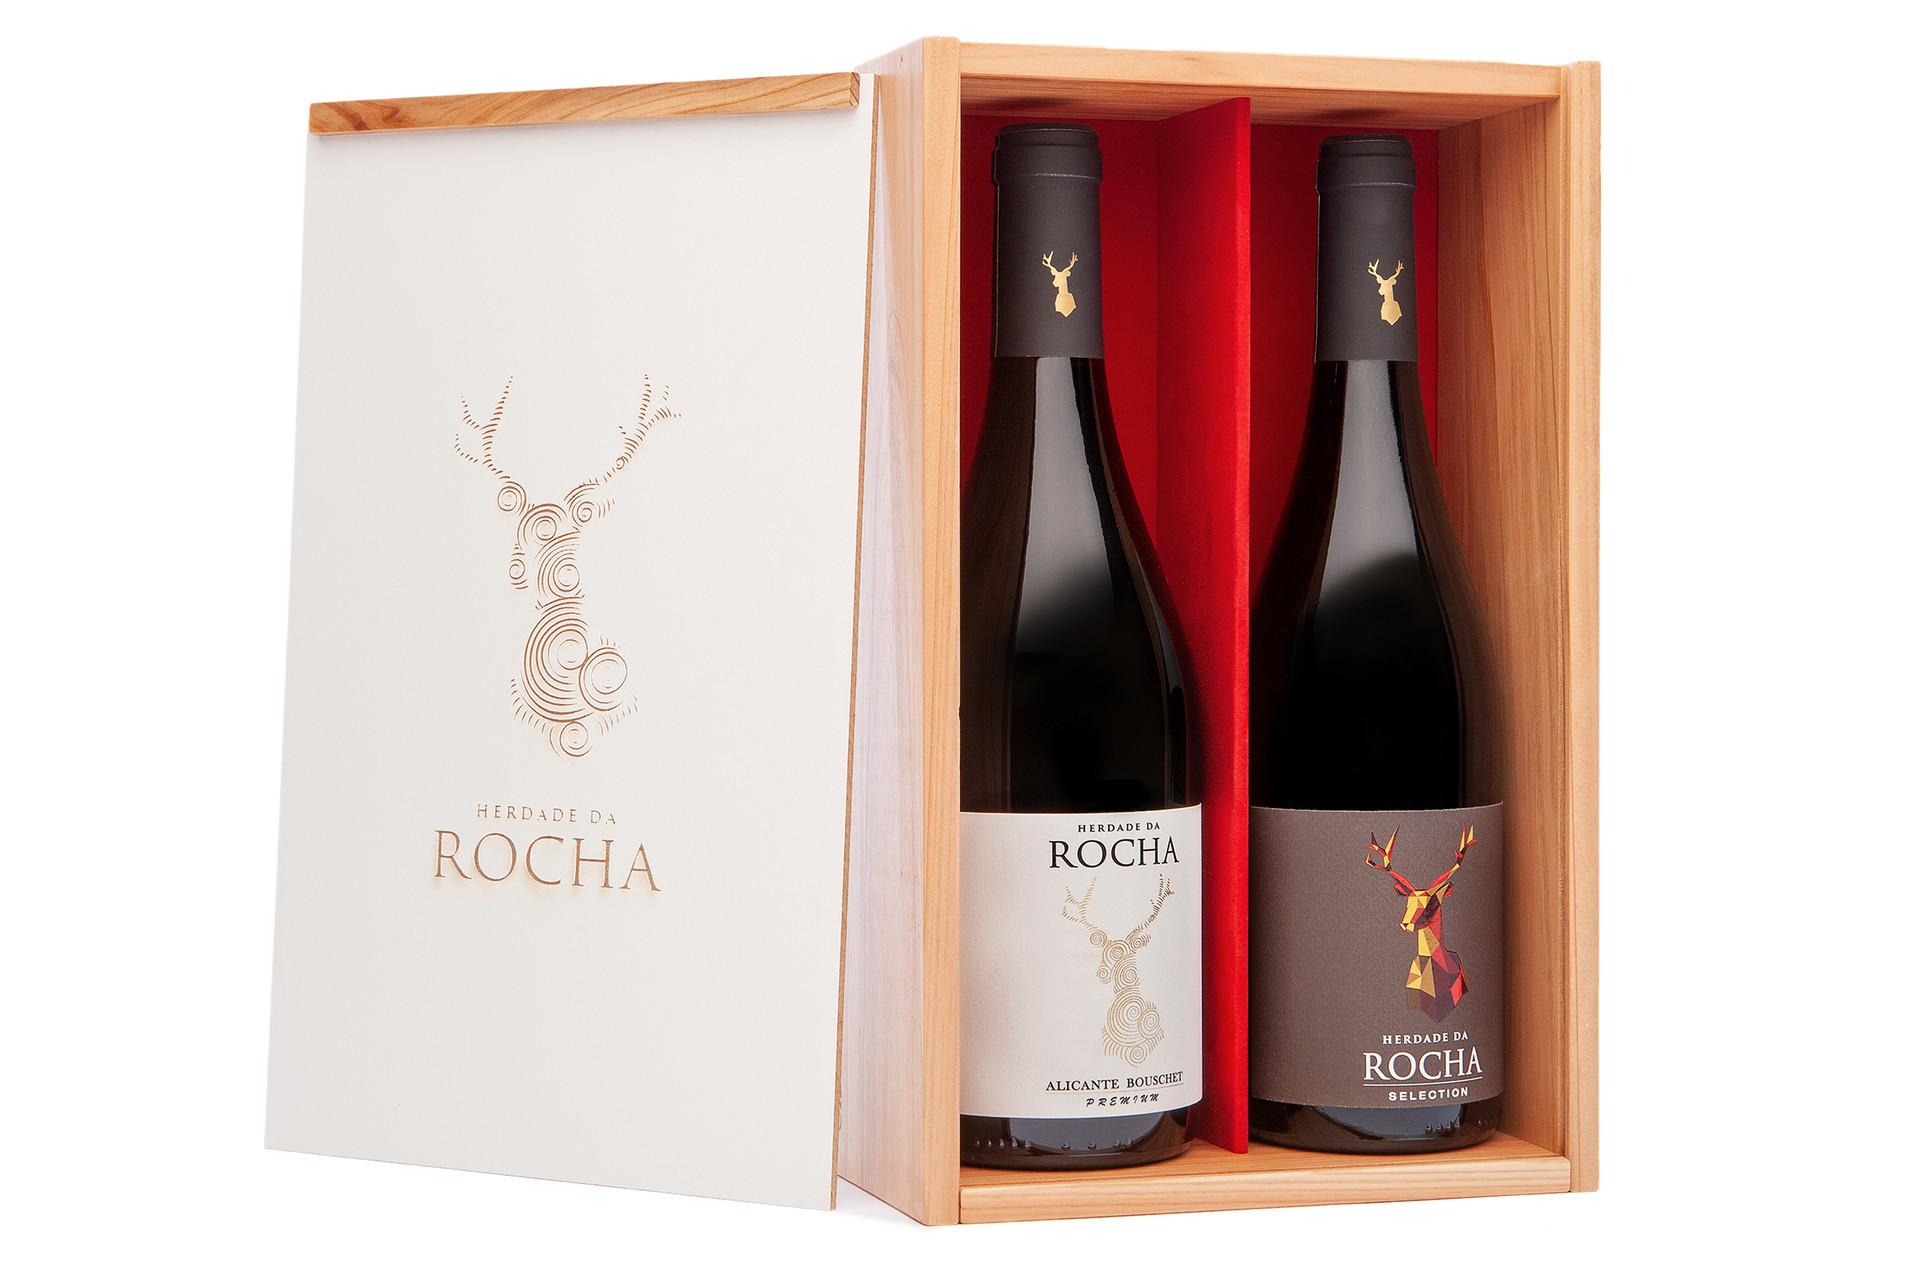 Pack 2 Garrafas - Herdade da Rocha Selection + Herdade da Rocha Alicante Bouschet Premium